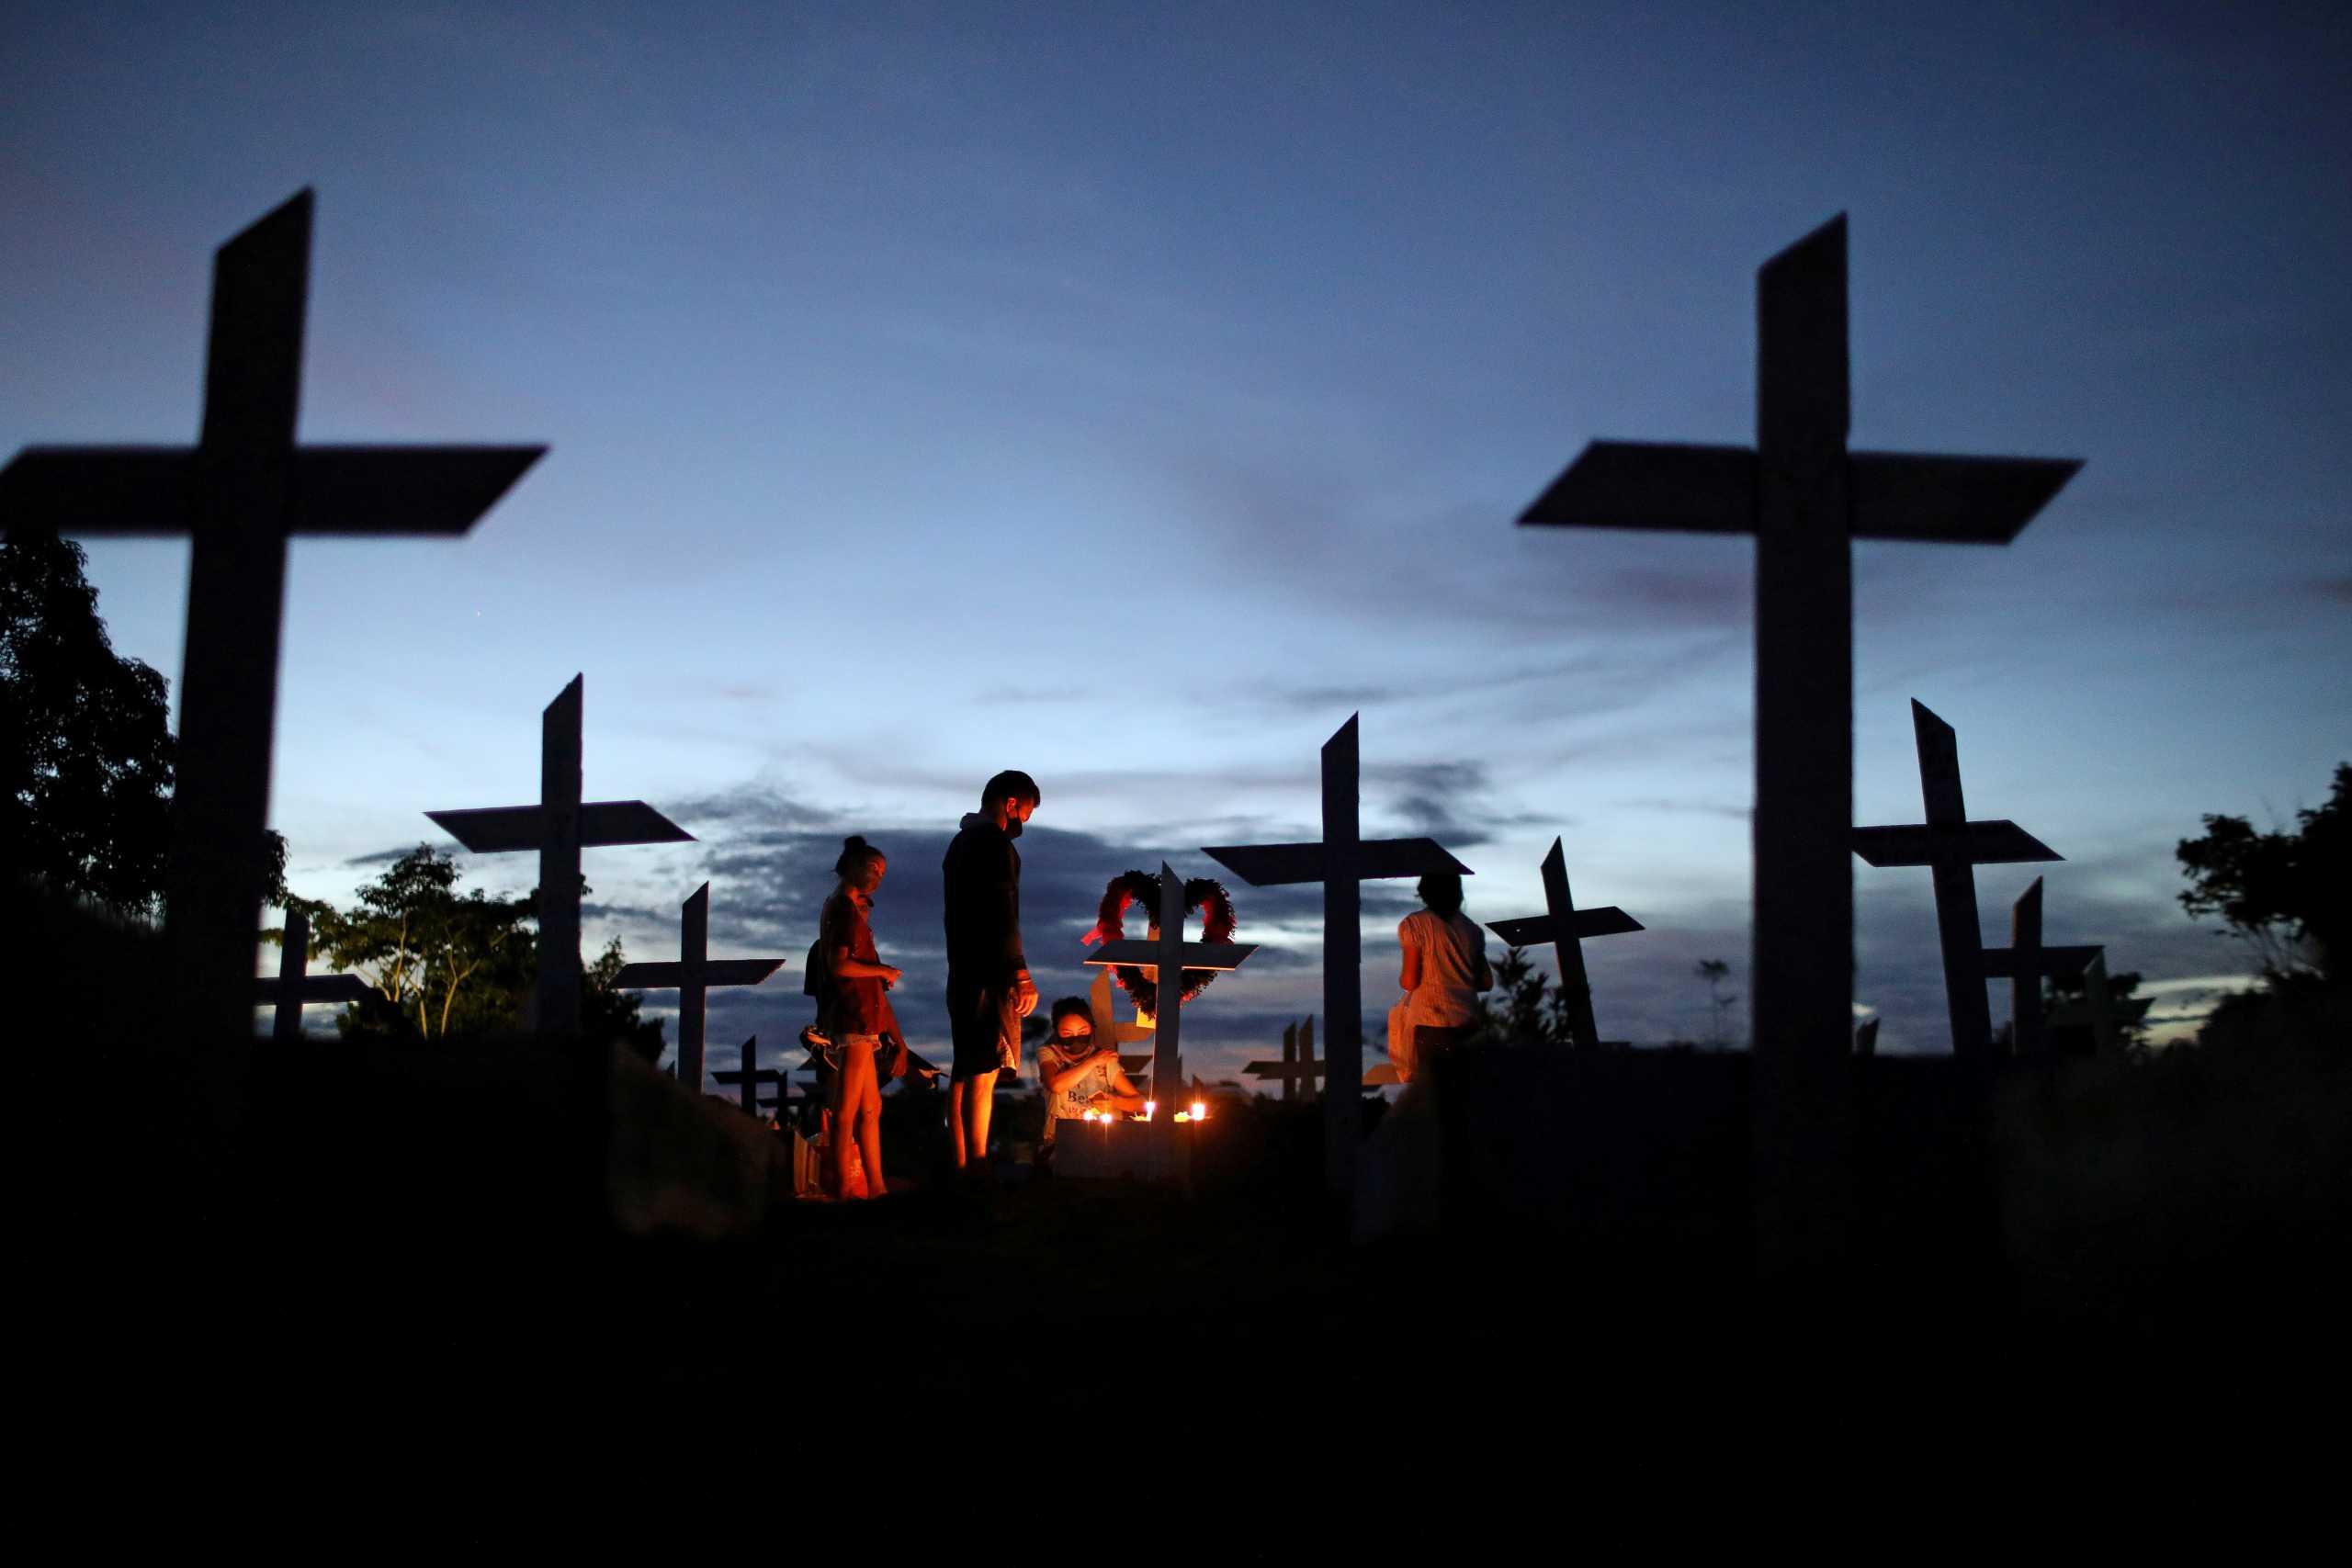 Βραζιλία: Σχεδόν τριπλασιάστηκαν οι θάνατοι από κορονοϊό σε μια μέρα